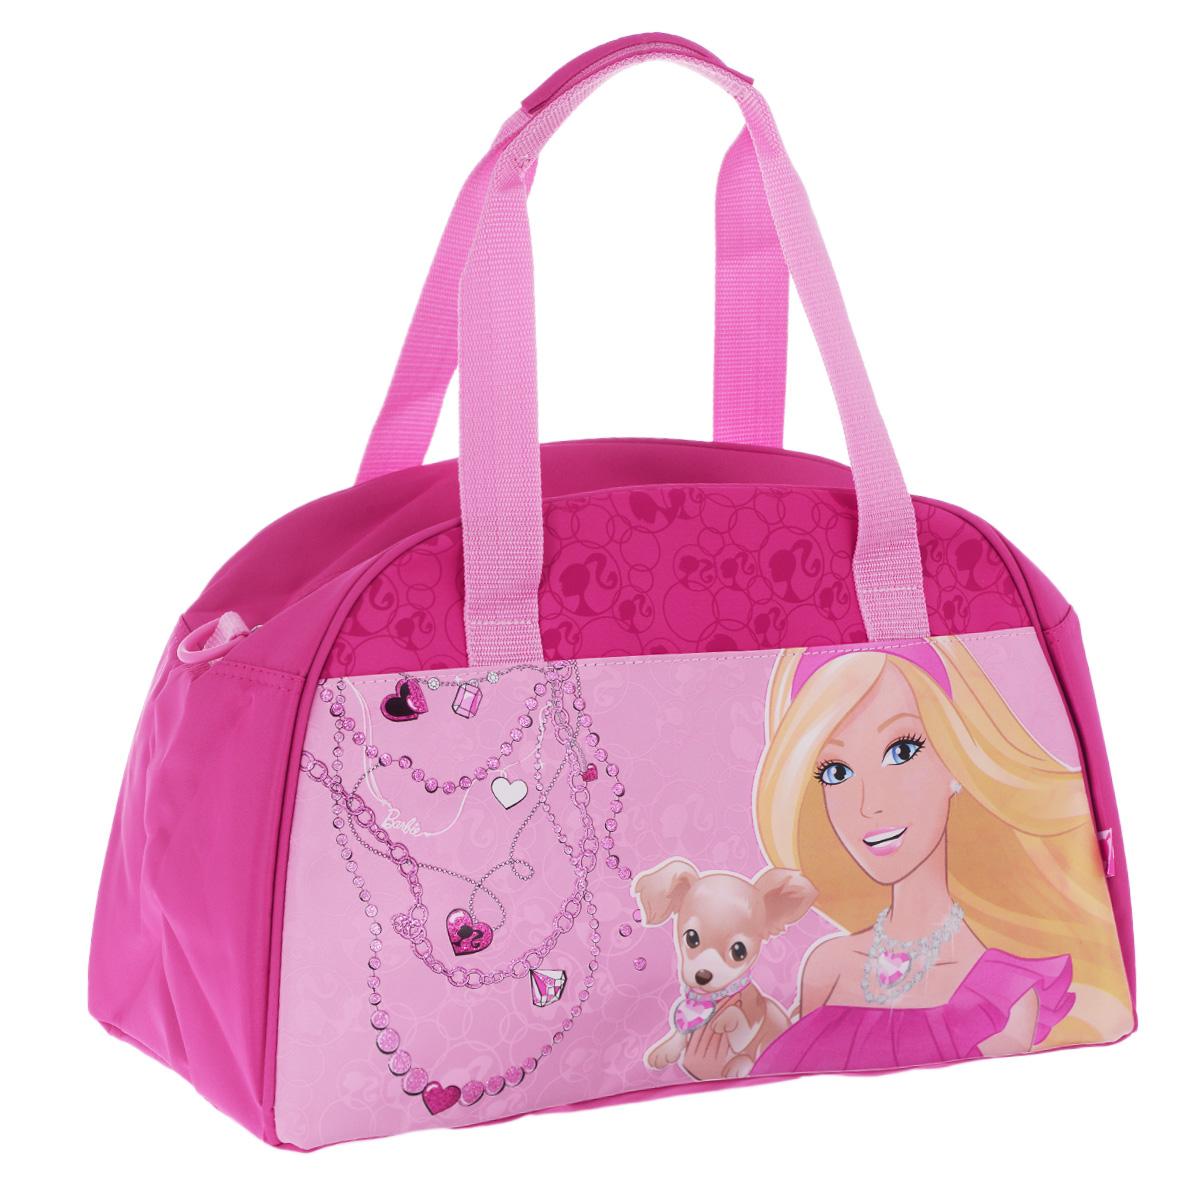 Barbie Сумка спортивная детская цвет розовыйBRDLR-12T-3452Детская спортивная сумка Barbie придется по вкусу любой активной девочке, посещающейспортзал или спортивные секции.Сумка изготовлена из высококачественного износостойкого полиэстера и оформлена оригинальным принтом и глянцевым изображением знаменитой красавицы Барби с очаровательным щенком. Сумка состоит из одного вместительного отделения, закрывается на застежку-молнию. Внутри располагается небольшой накладной карман на застежке-молнии. Язычок молнии выполнен в виде розовой туфельки.Сумка имеет удобные ручки для переноски, а также съемный плечевой ремень, регулирующийся по длине. Сумка очень просторная, в ней без труда поместится спортивная форма или сменная одежда.Спортивная сумка - незаменимый аксессуар для юной спортсменки, который сочетает в себе практичность и модный дизайн. Красочная сумка сделает посещение спортивных секций не только приятным, но и модным занятием. Порадуйте свою малышку таким замечательным подарком!